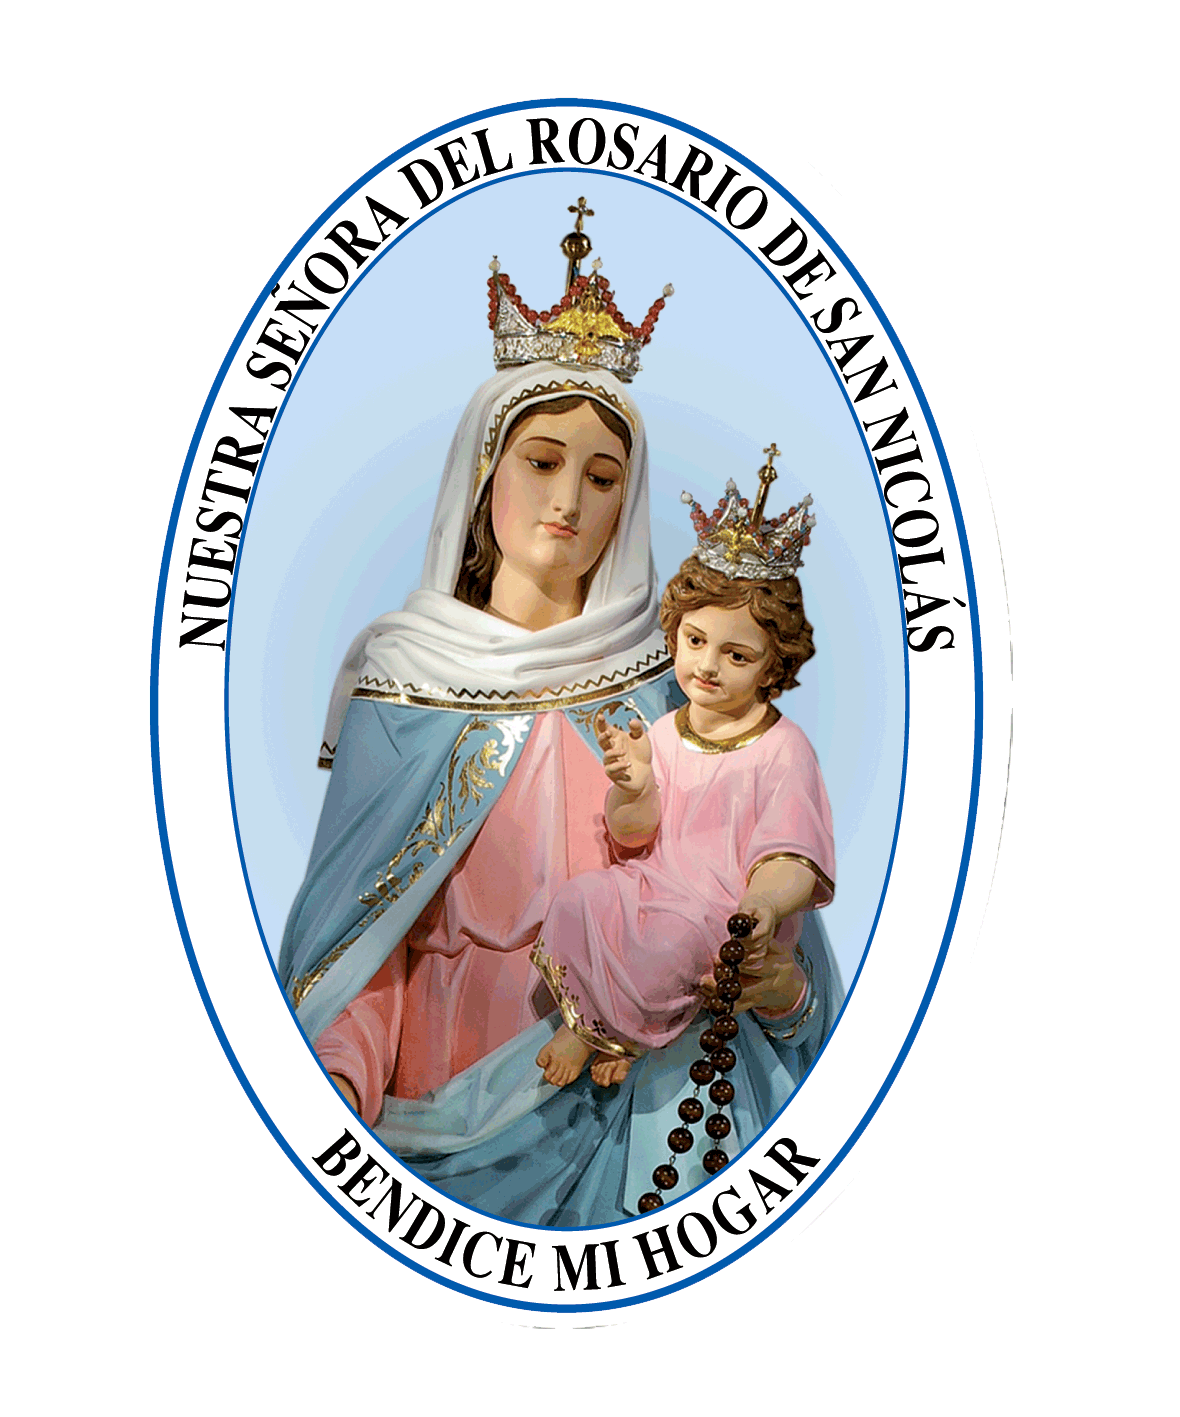 Aparicin de nuestra seora del rosario de san nicols aprobada por adhesivo de ns del rosario de san nicolas thecheapjerseys Choice Image